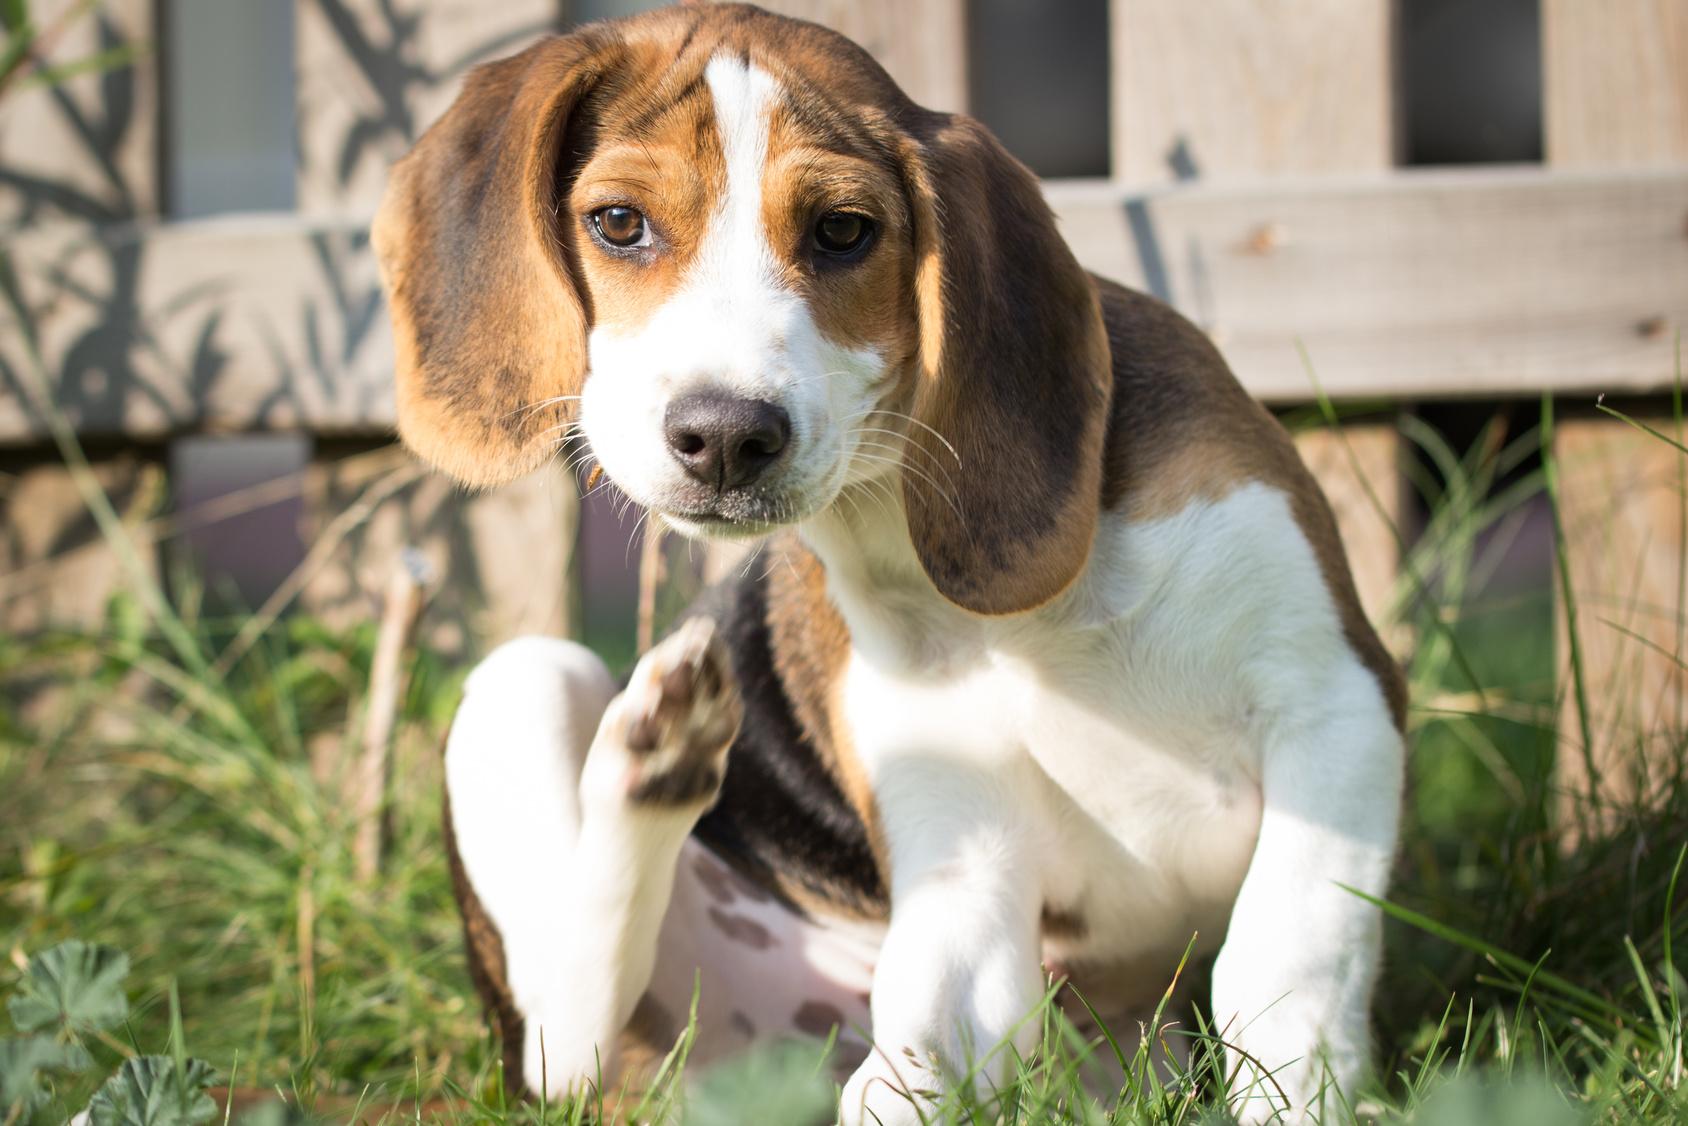 【徹底解説】犬の皮膚病について、症状から予防法まで!